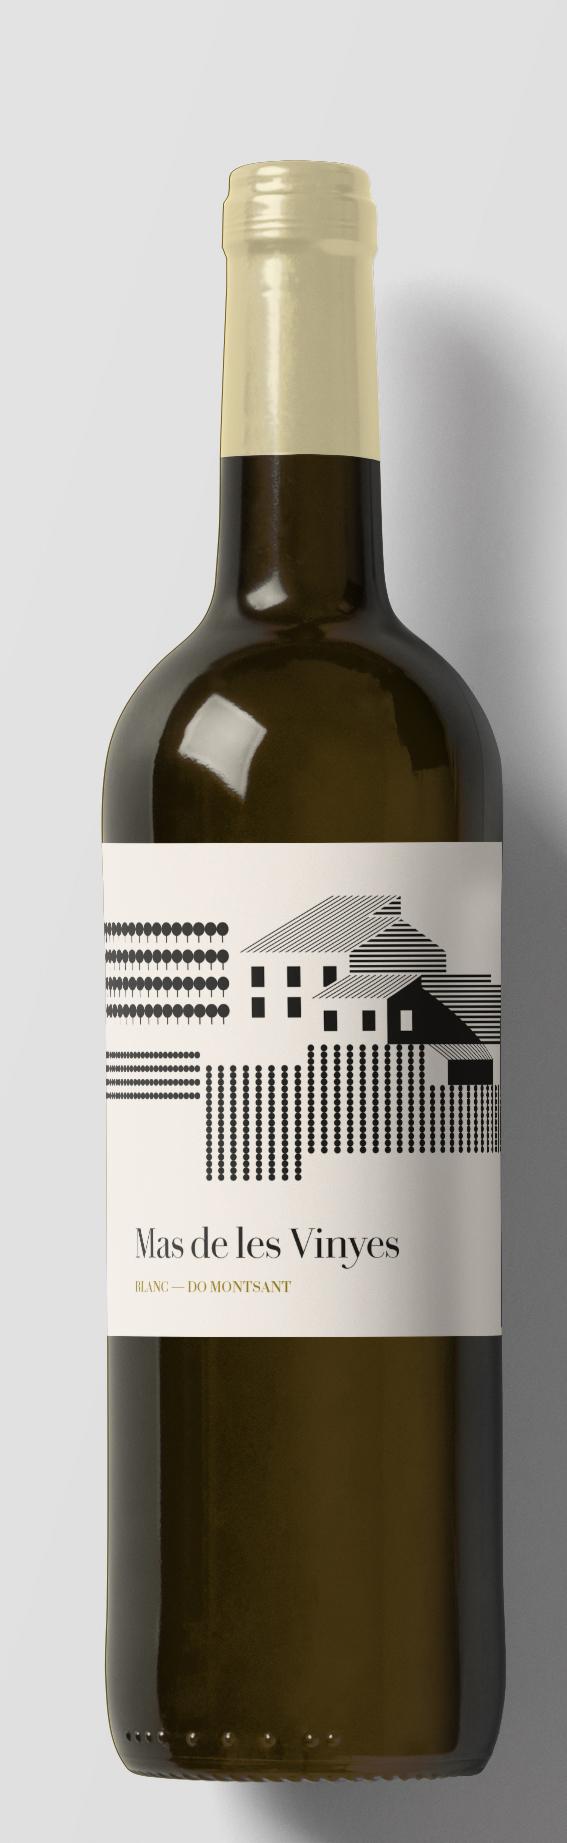 vi-blanc-montsant-do-montsant